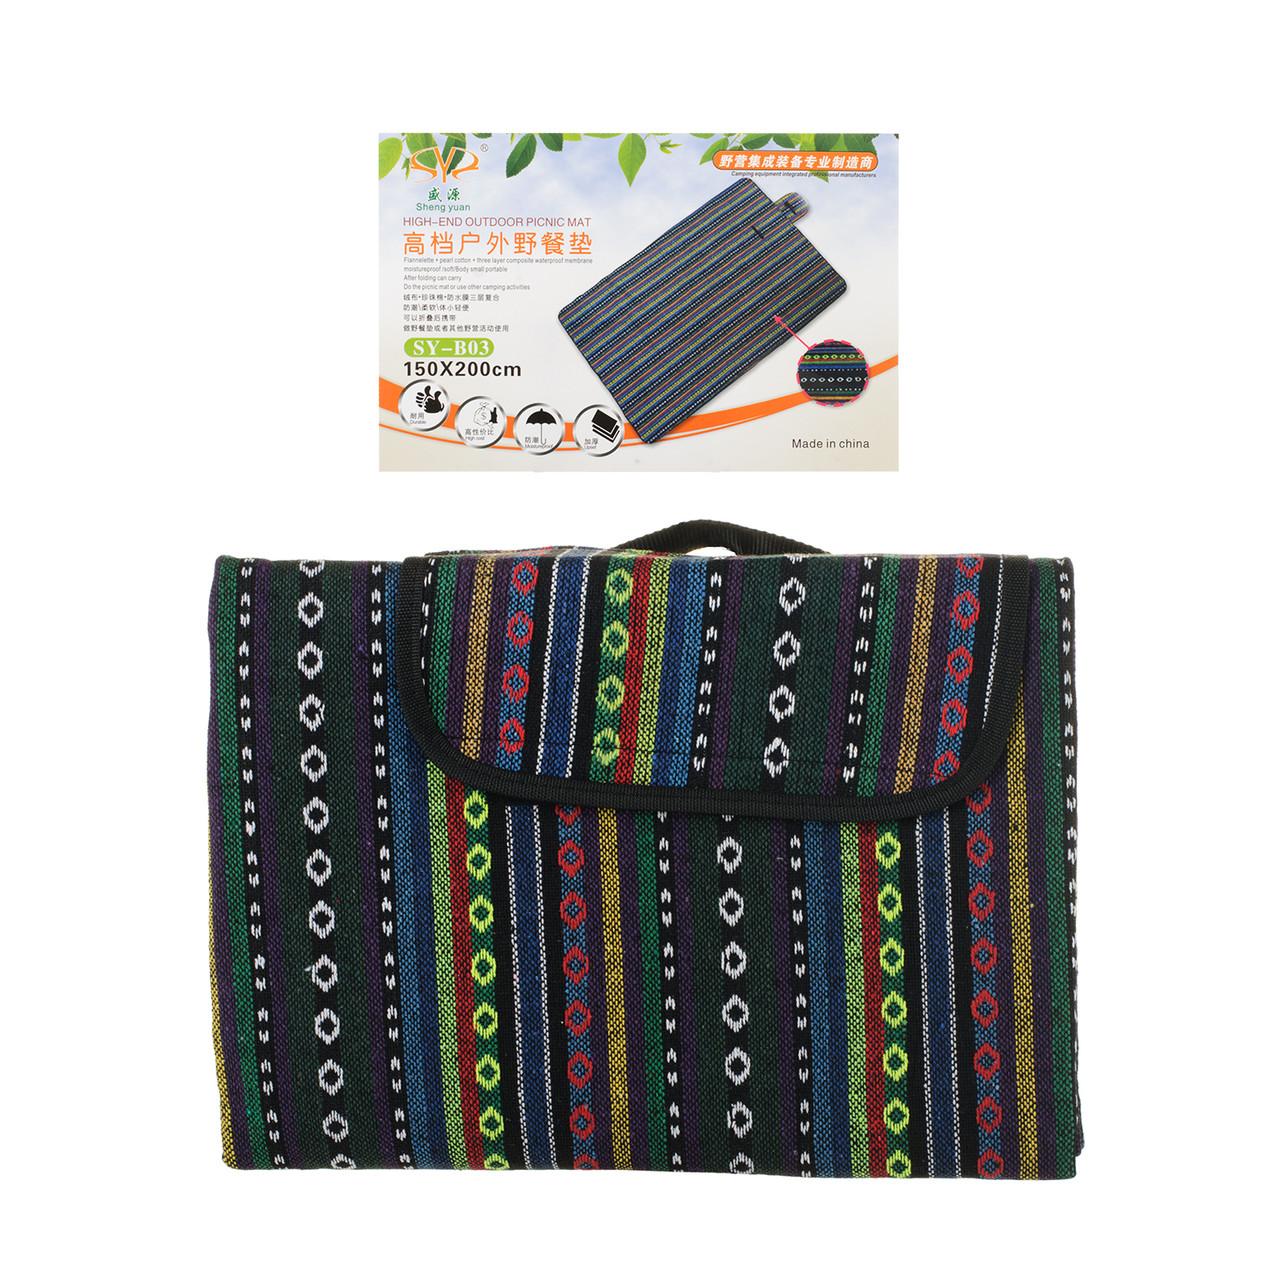 Водонепроницаемый коврик для пикника кемпинга и пляжа 150*200 см